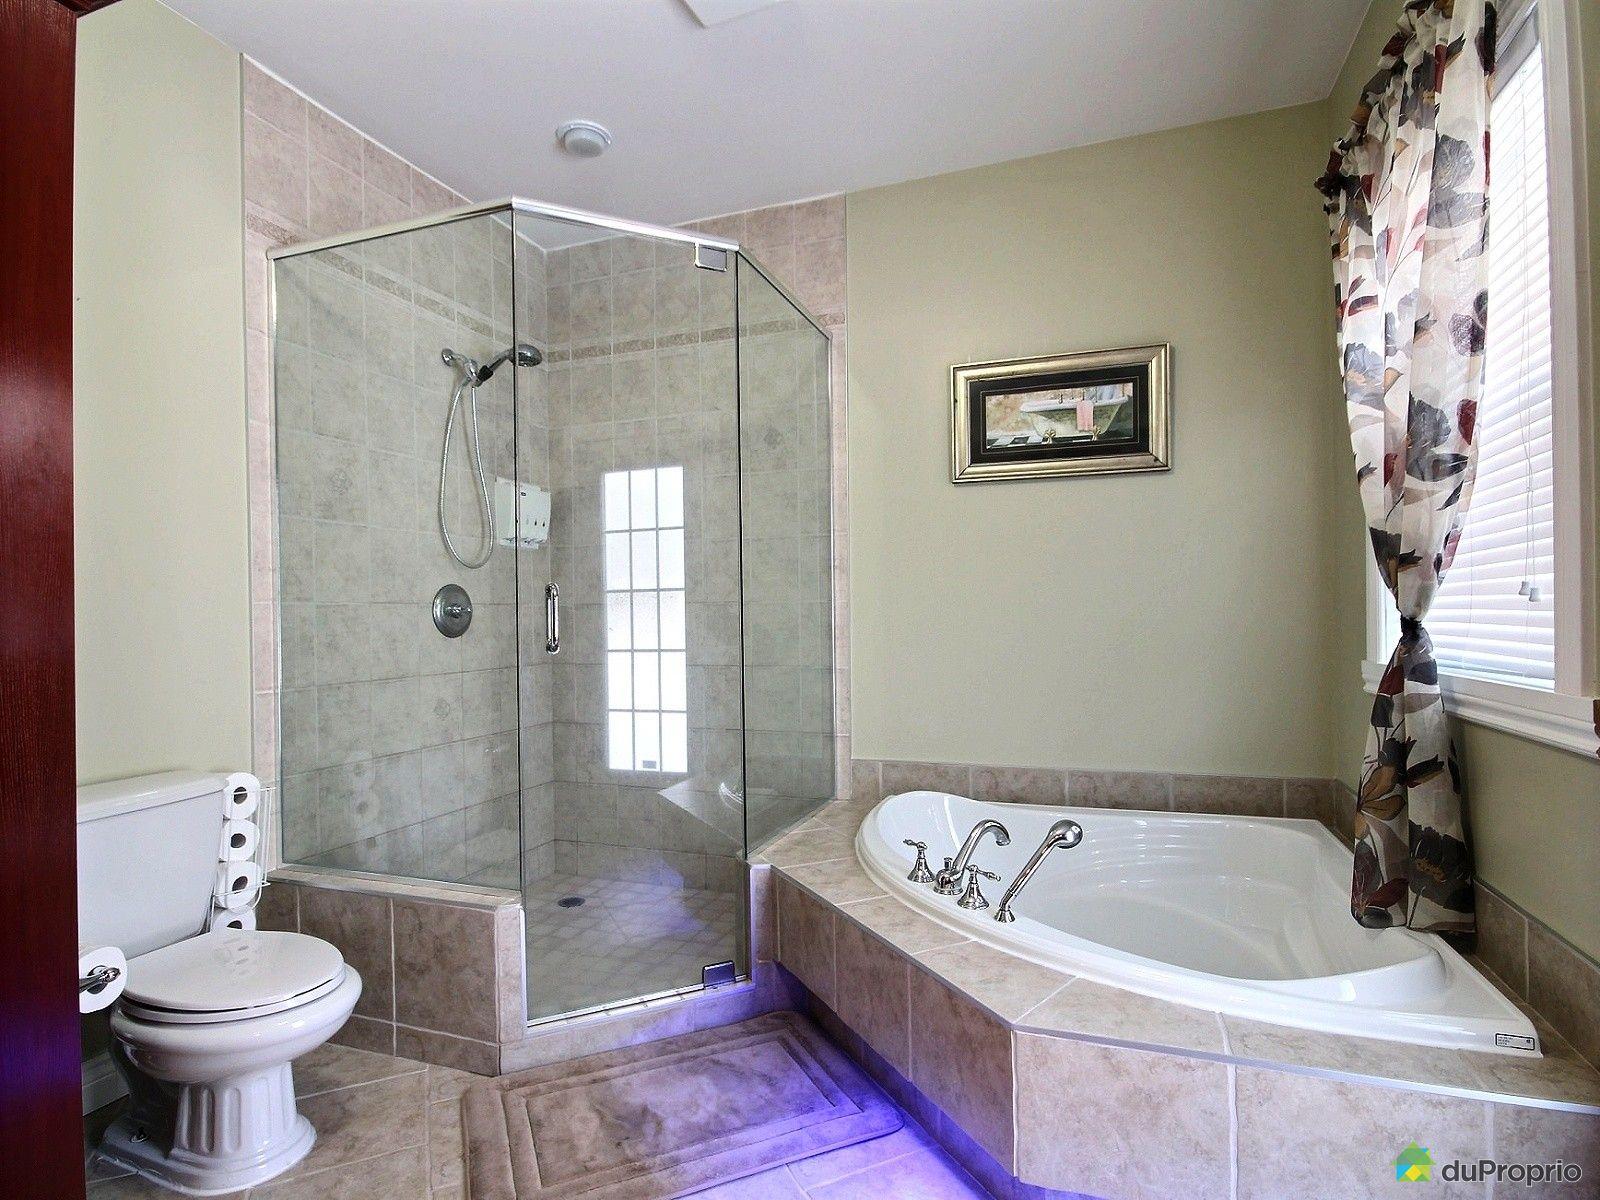 Maison vendre st colomban 16 rue rachel immobilier for Salle de bain saint brieuc